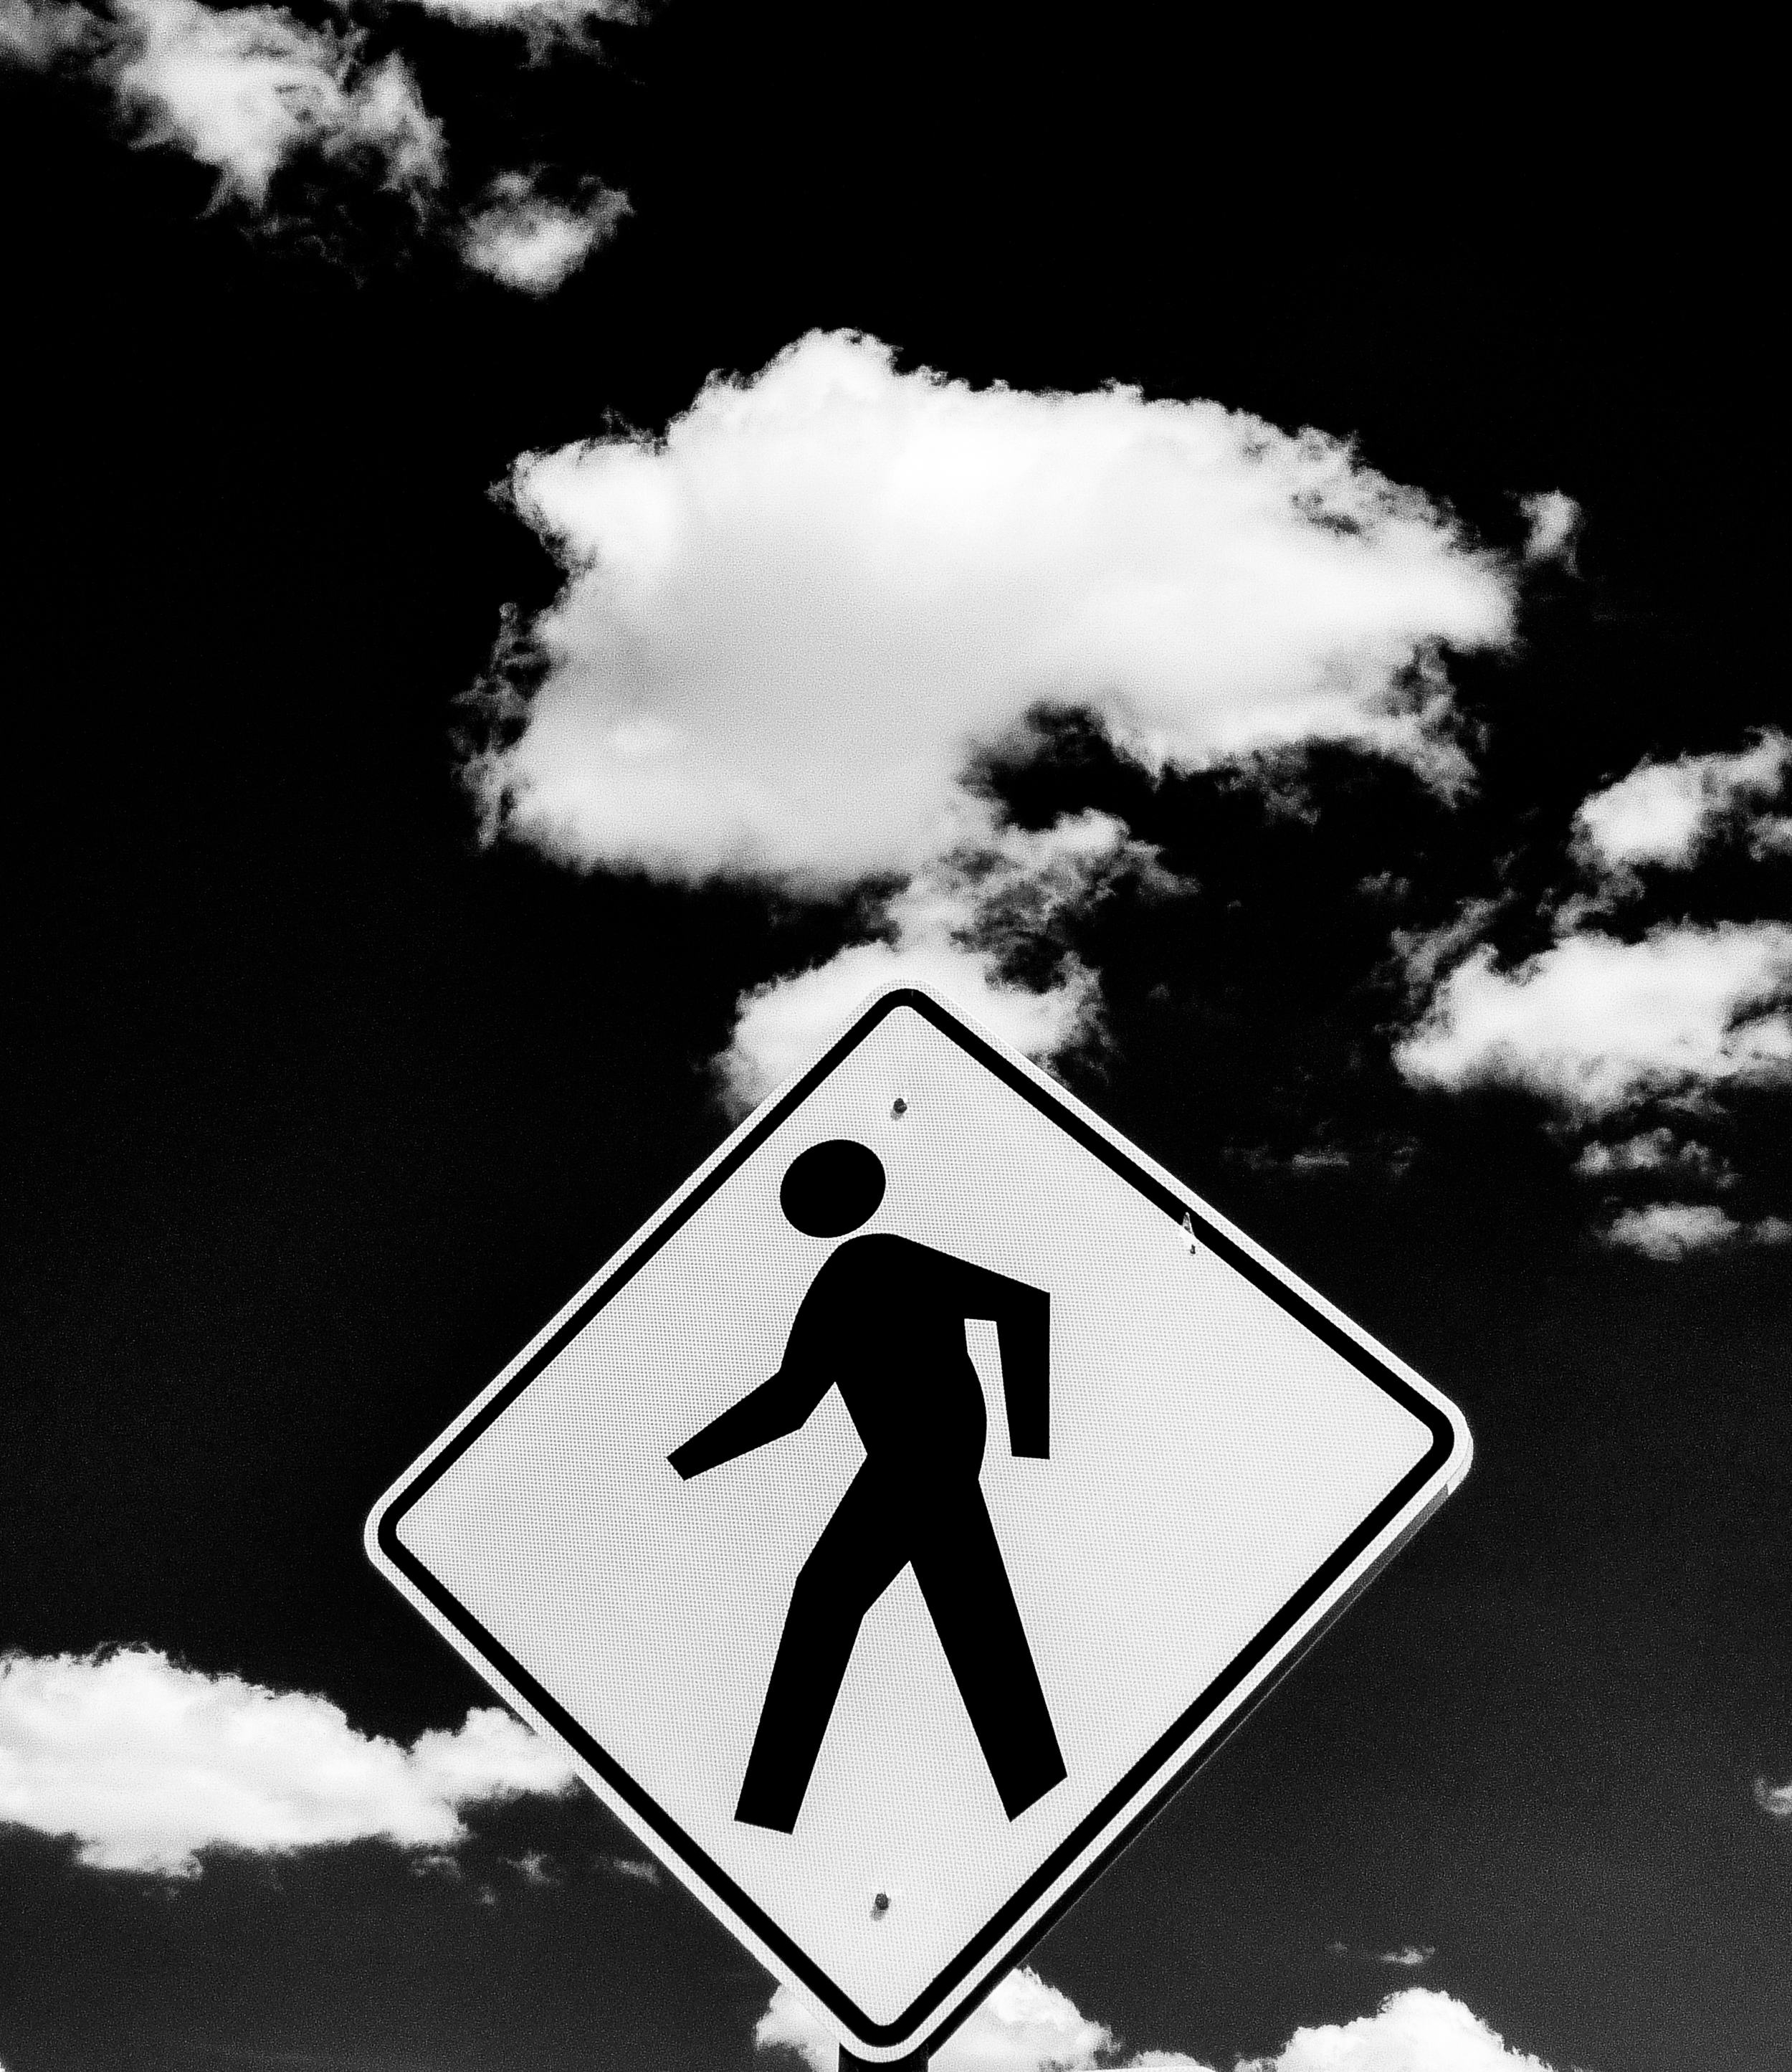 Walking Under A Cloud